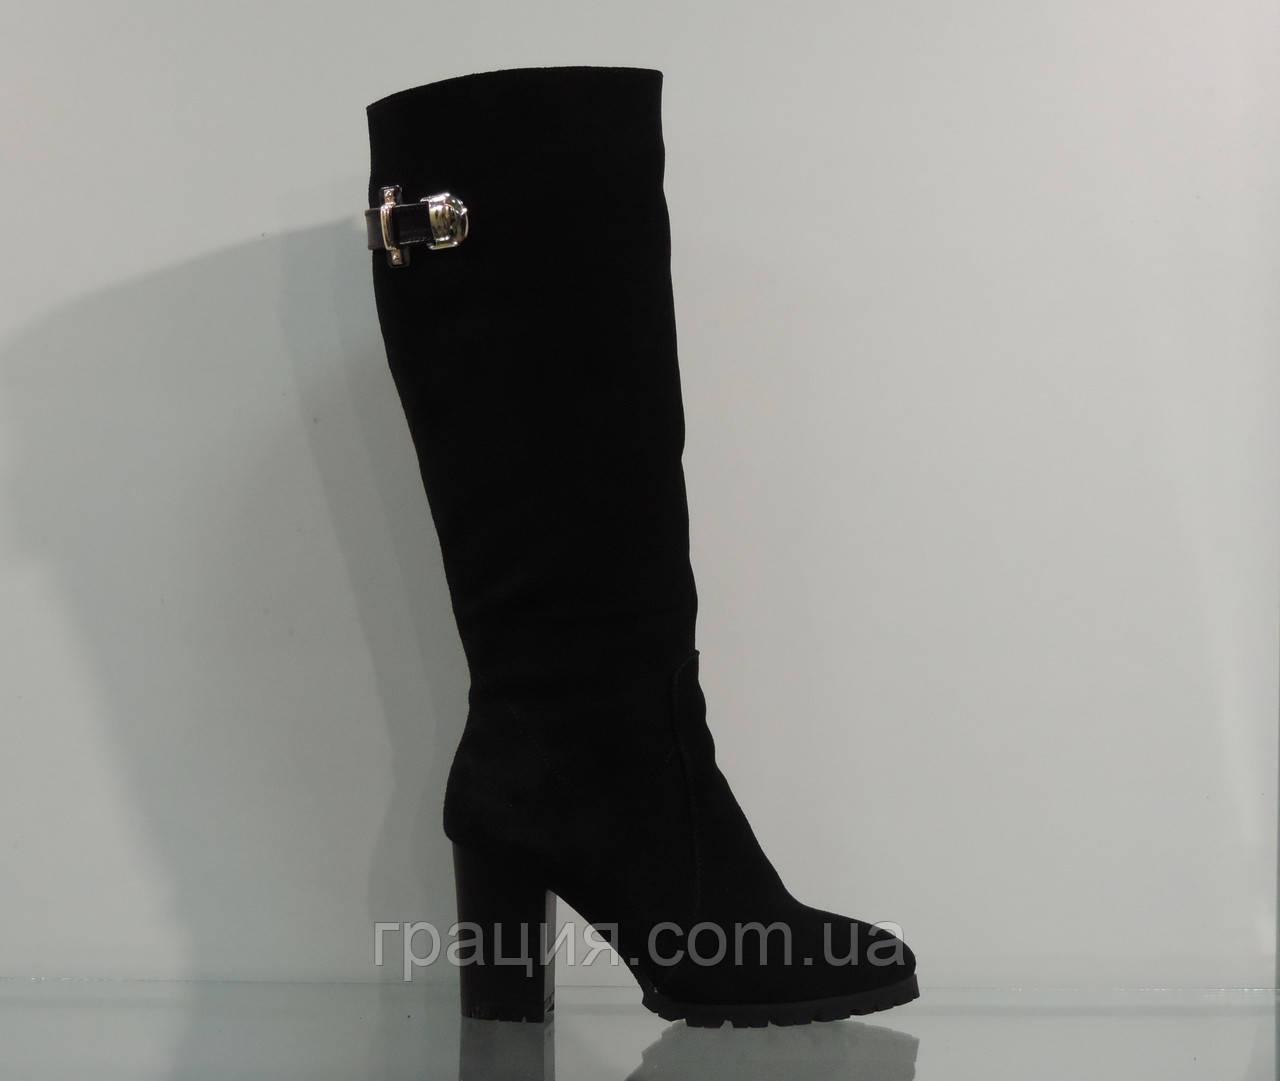 Модные замшевые зимние сапоги на каблуке